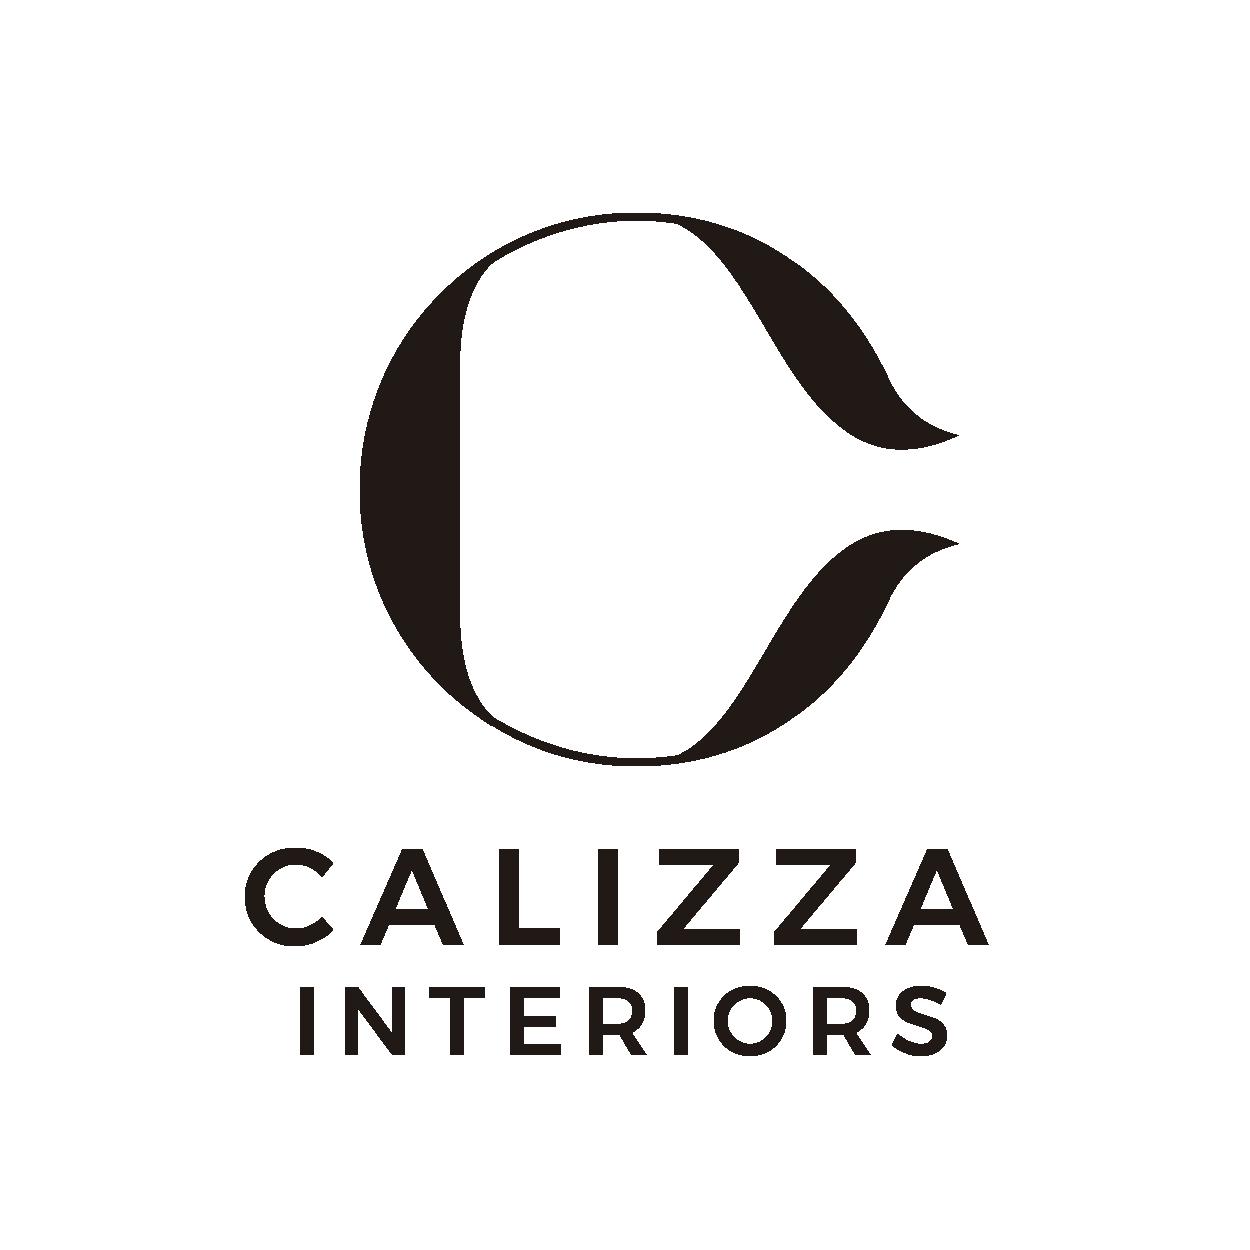 Calizza Interiors